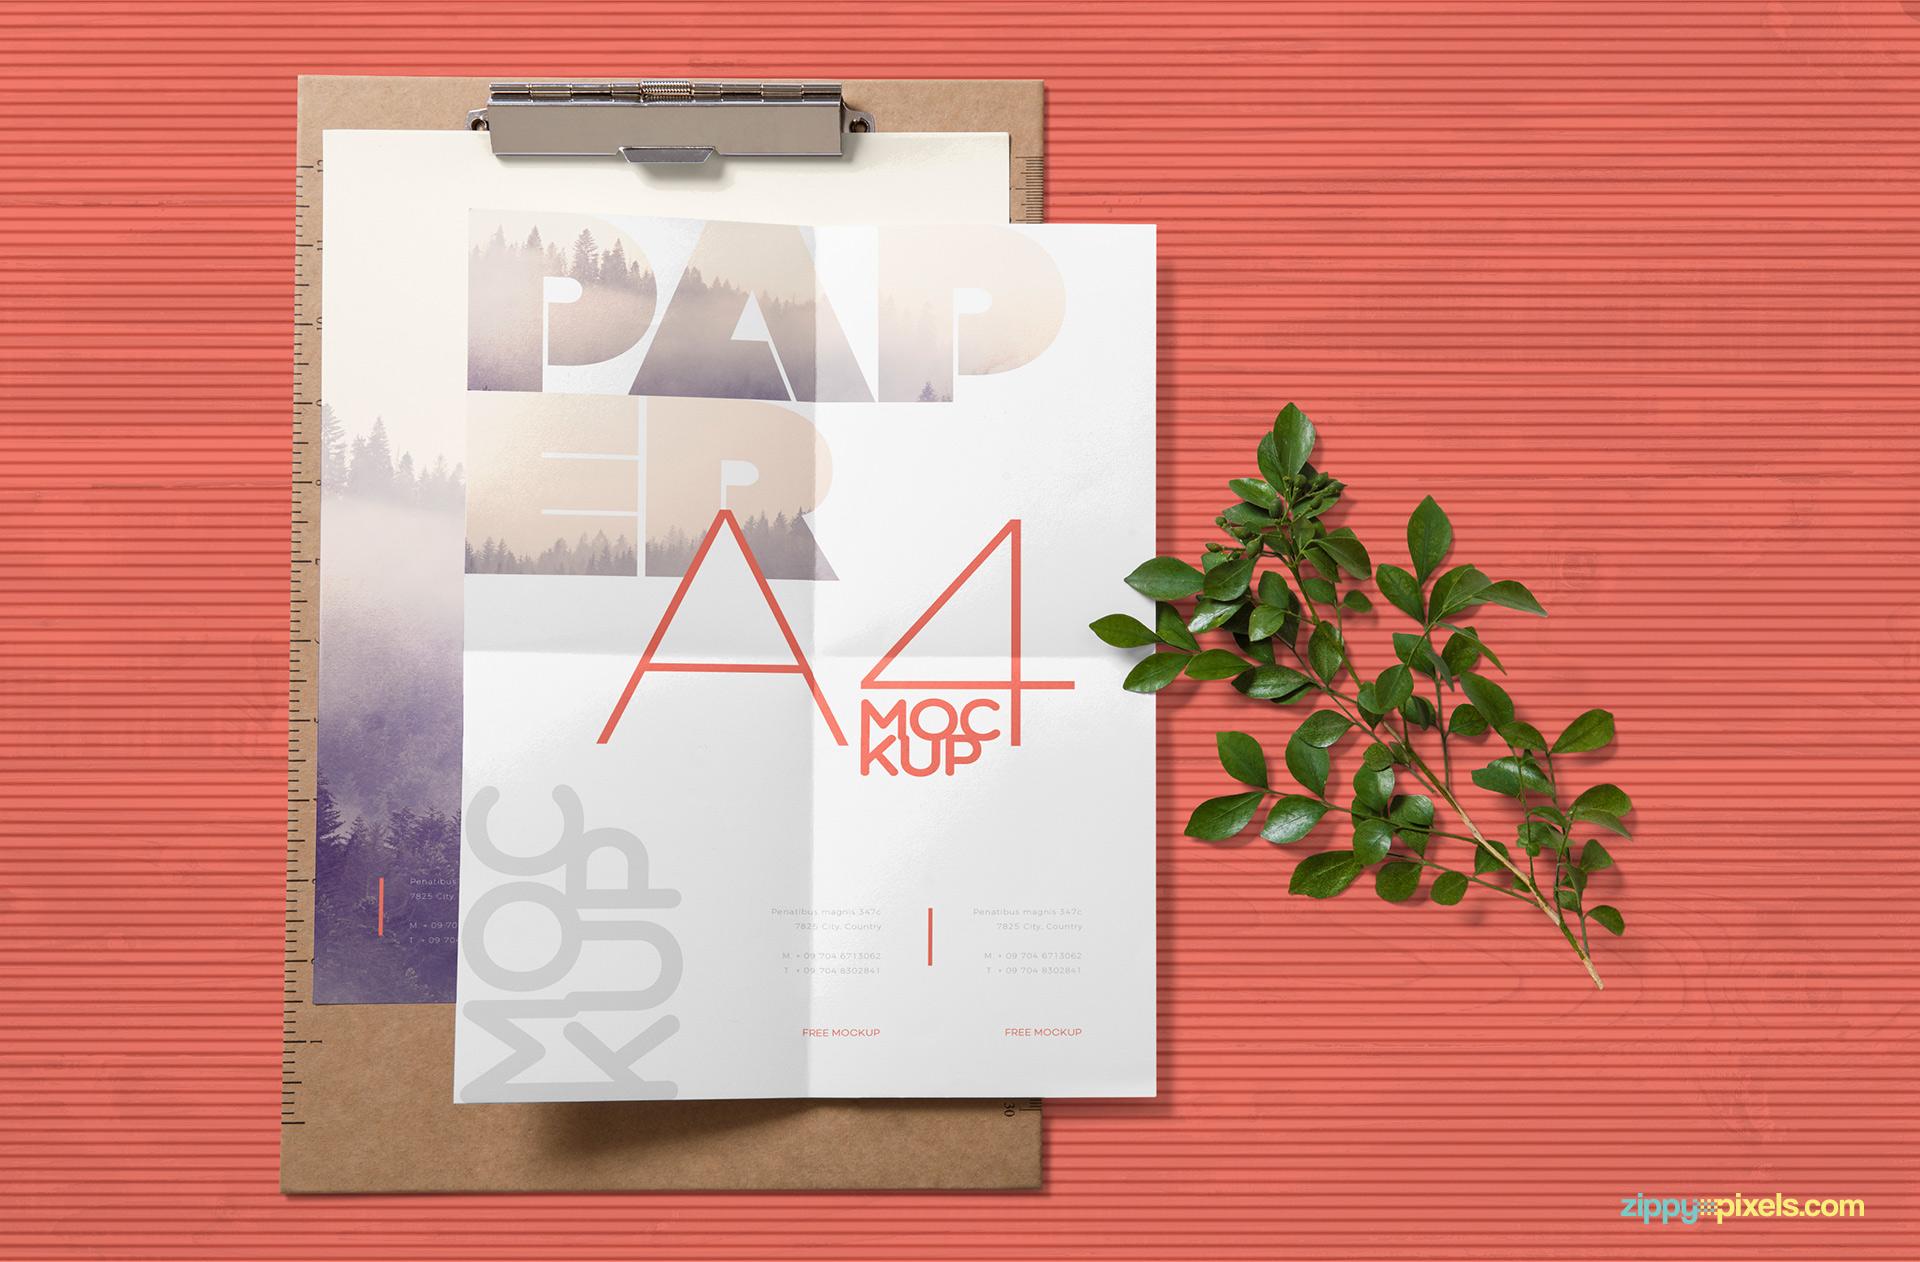 Folded A4 size letter mockup.